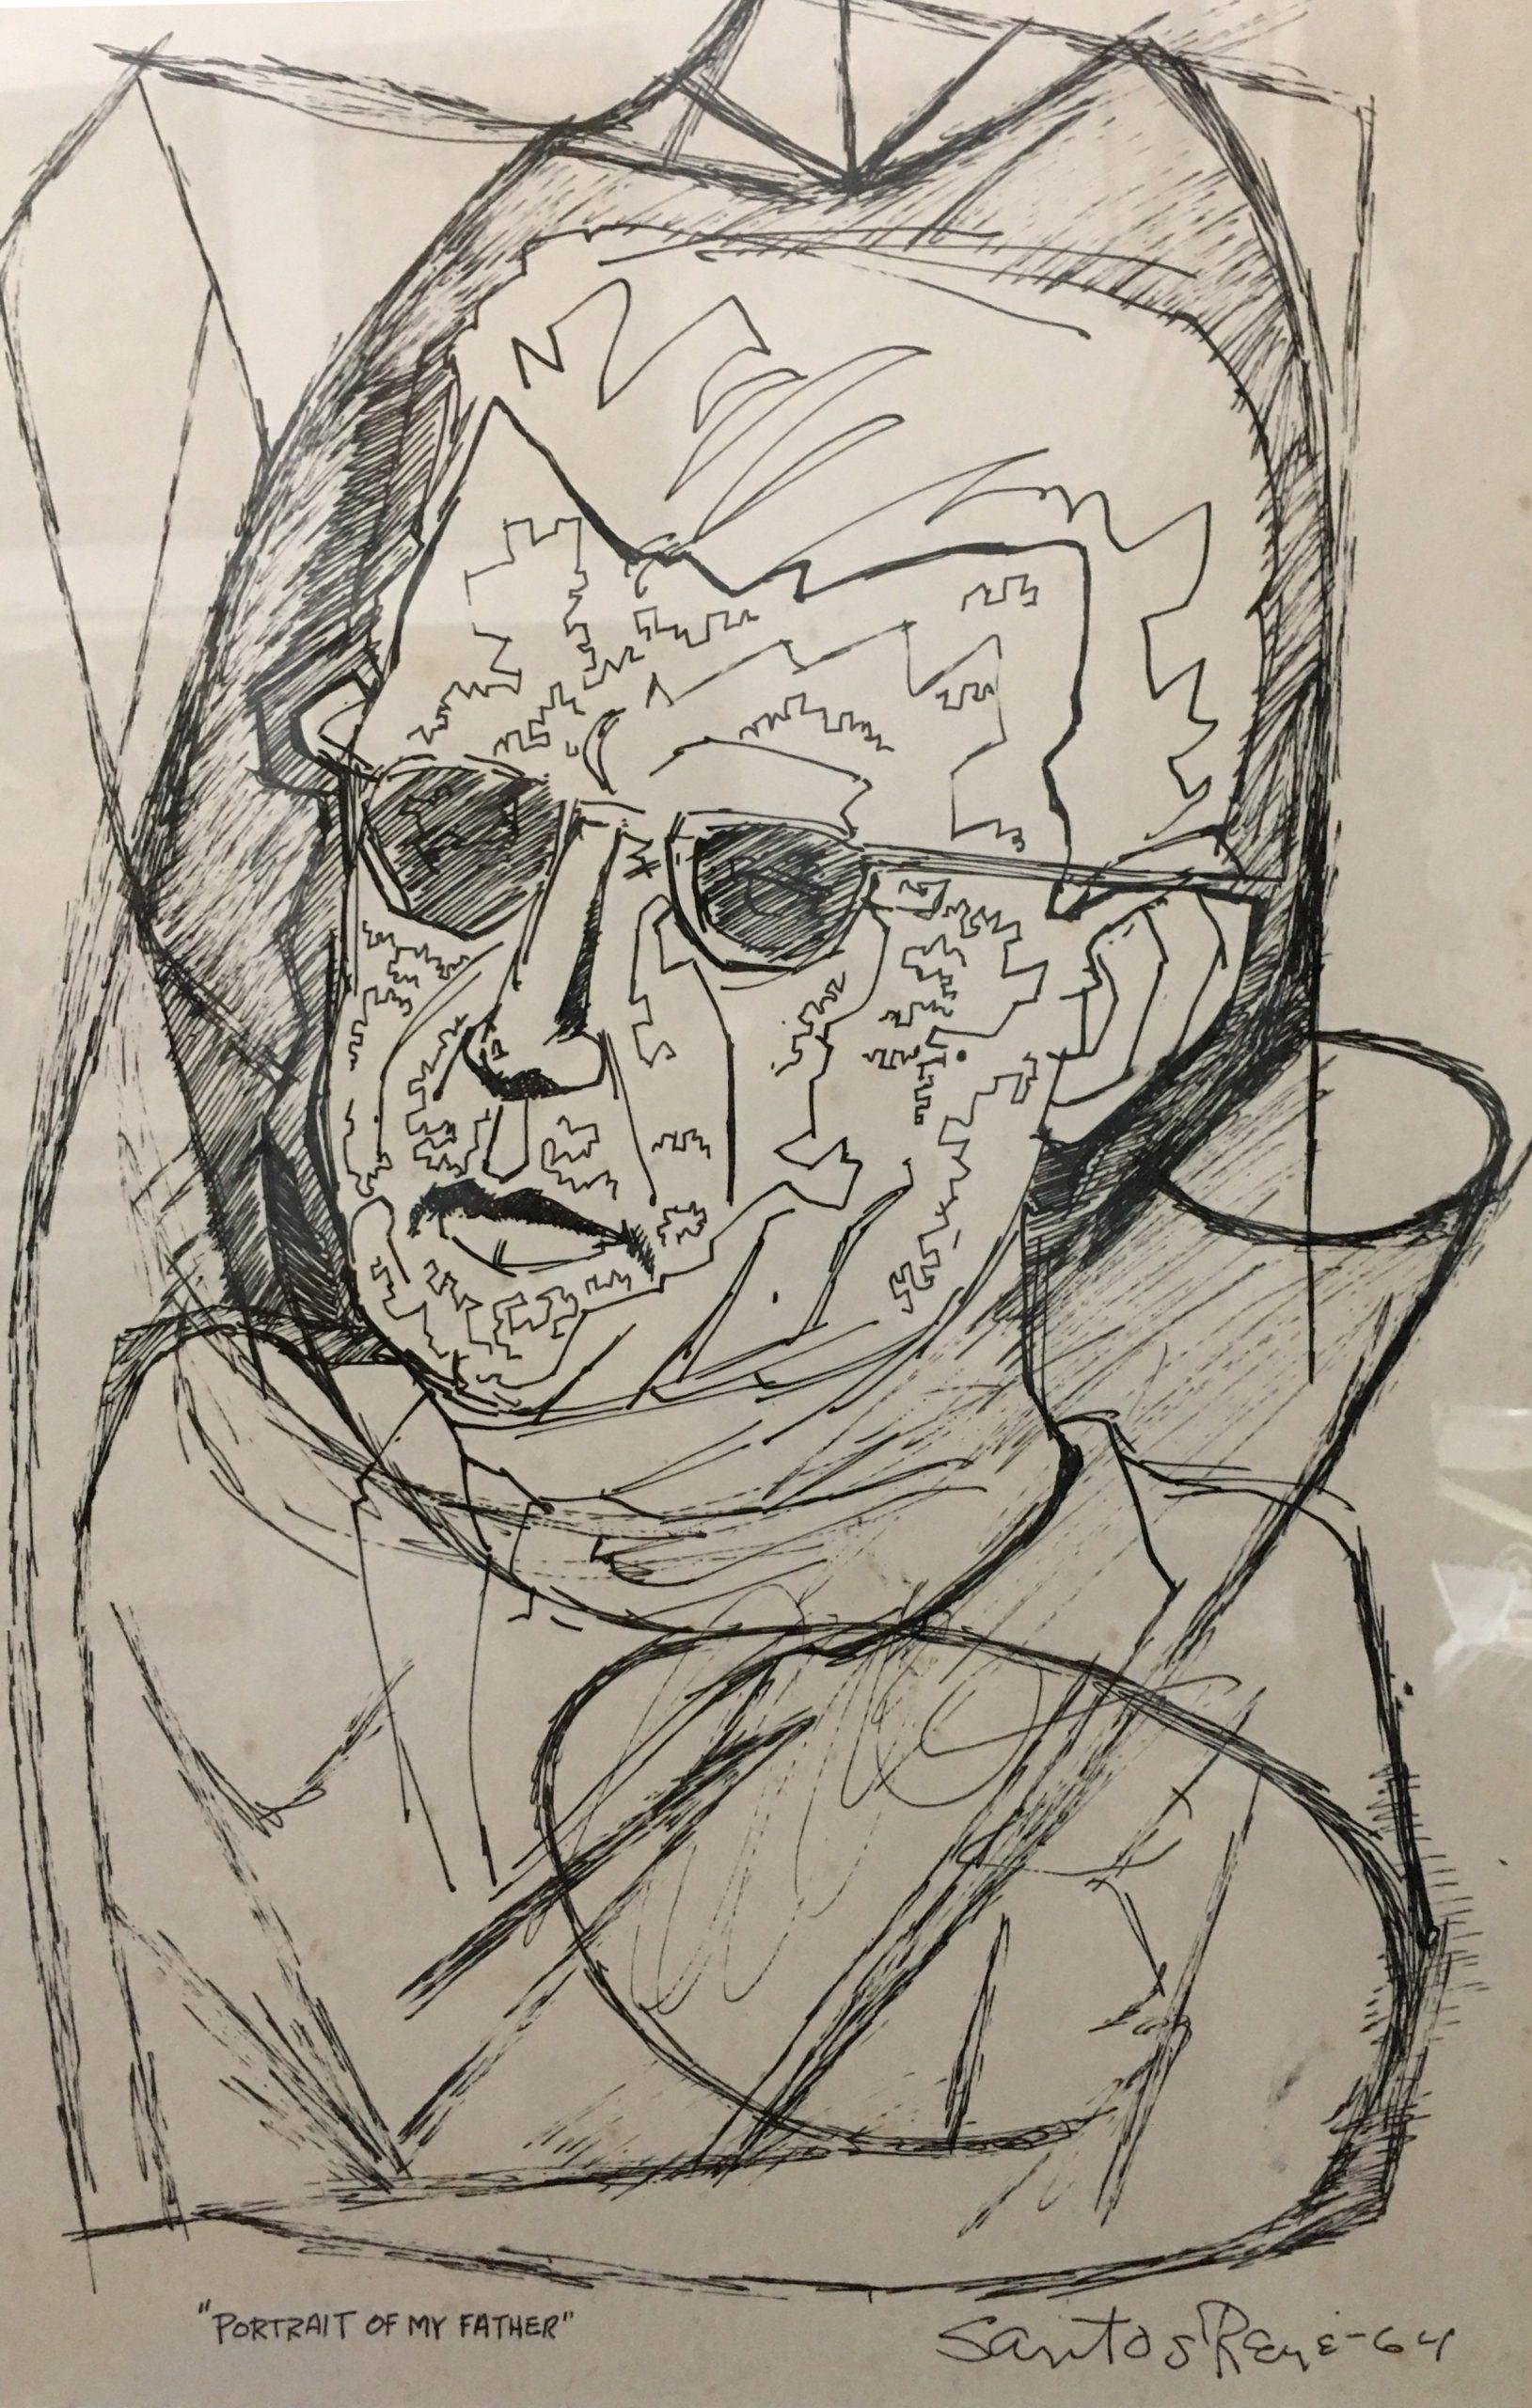 """Santos René Irizarry: Portrait of My Father (1964)Ink on paper 14"""" x 21"""""""